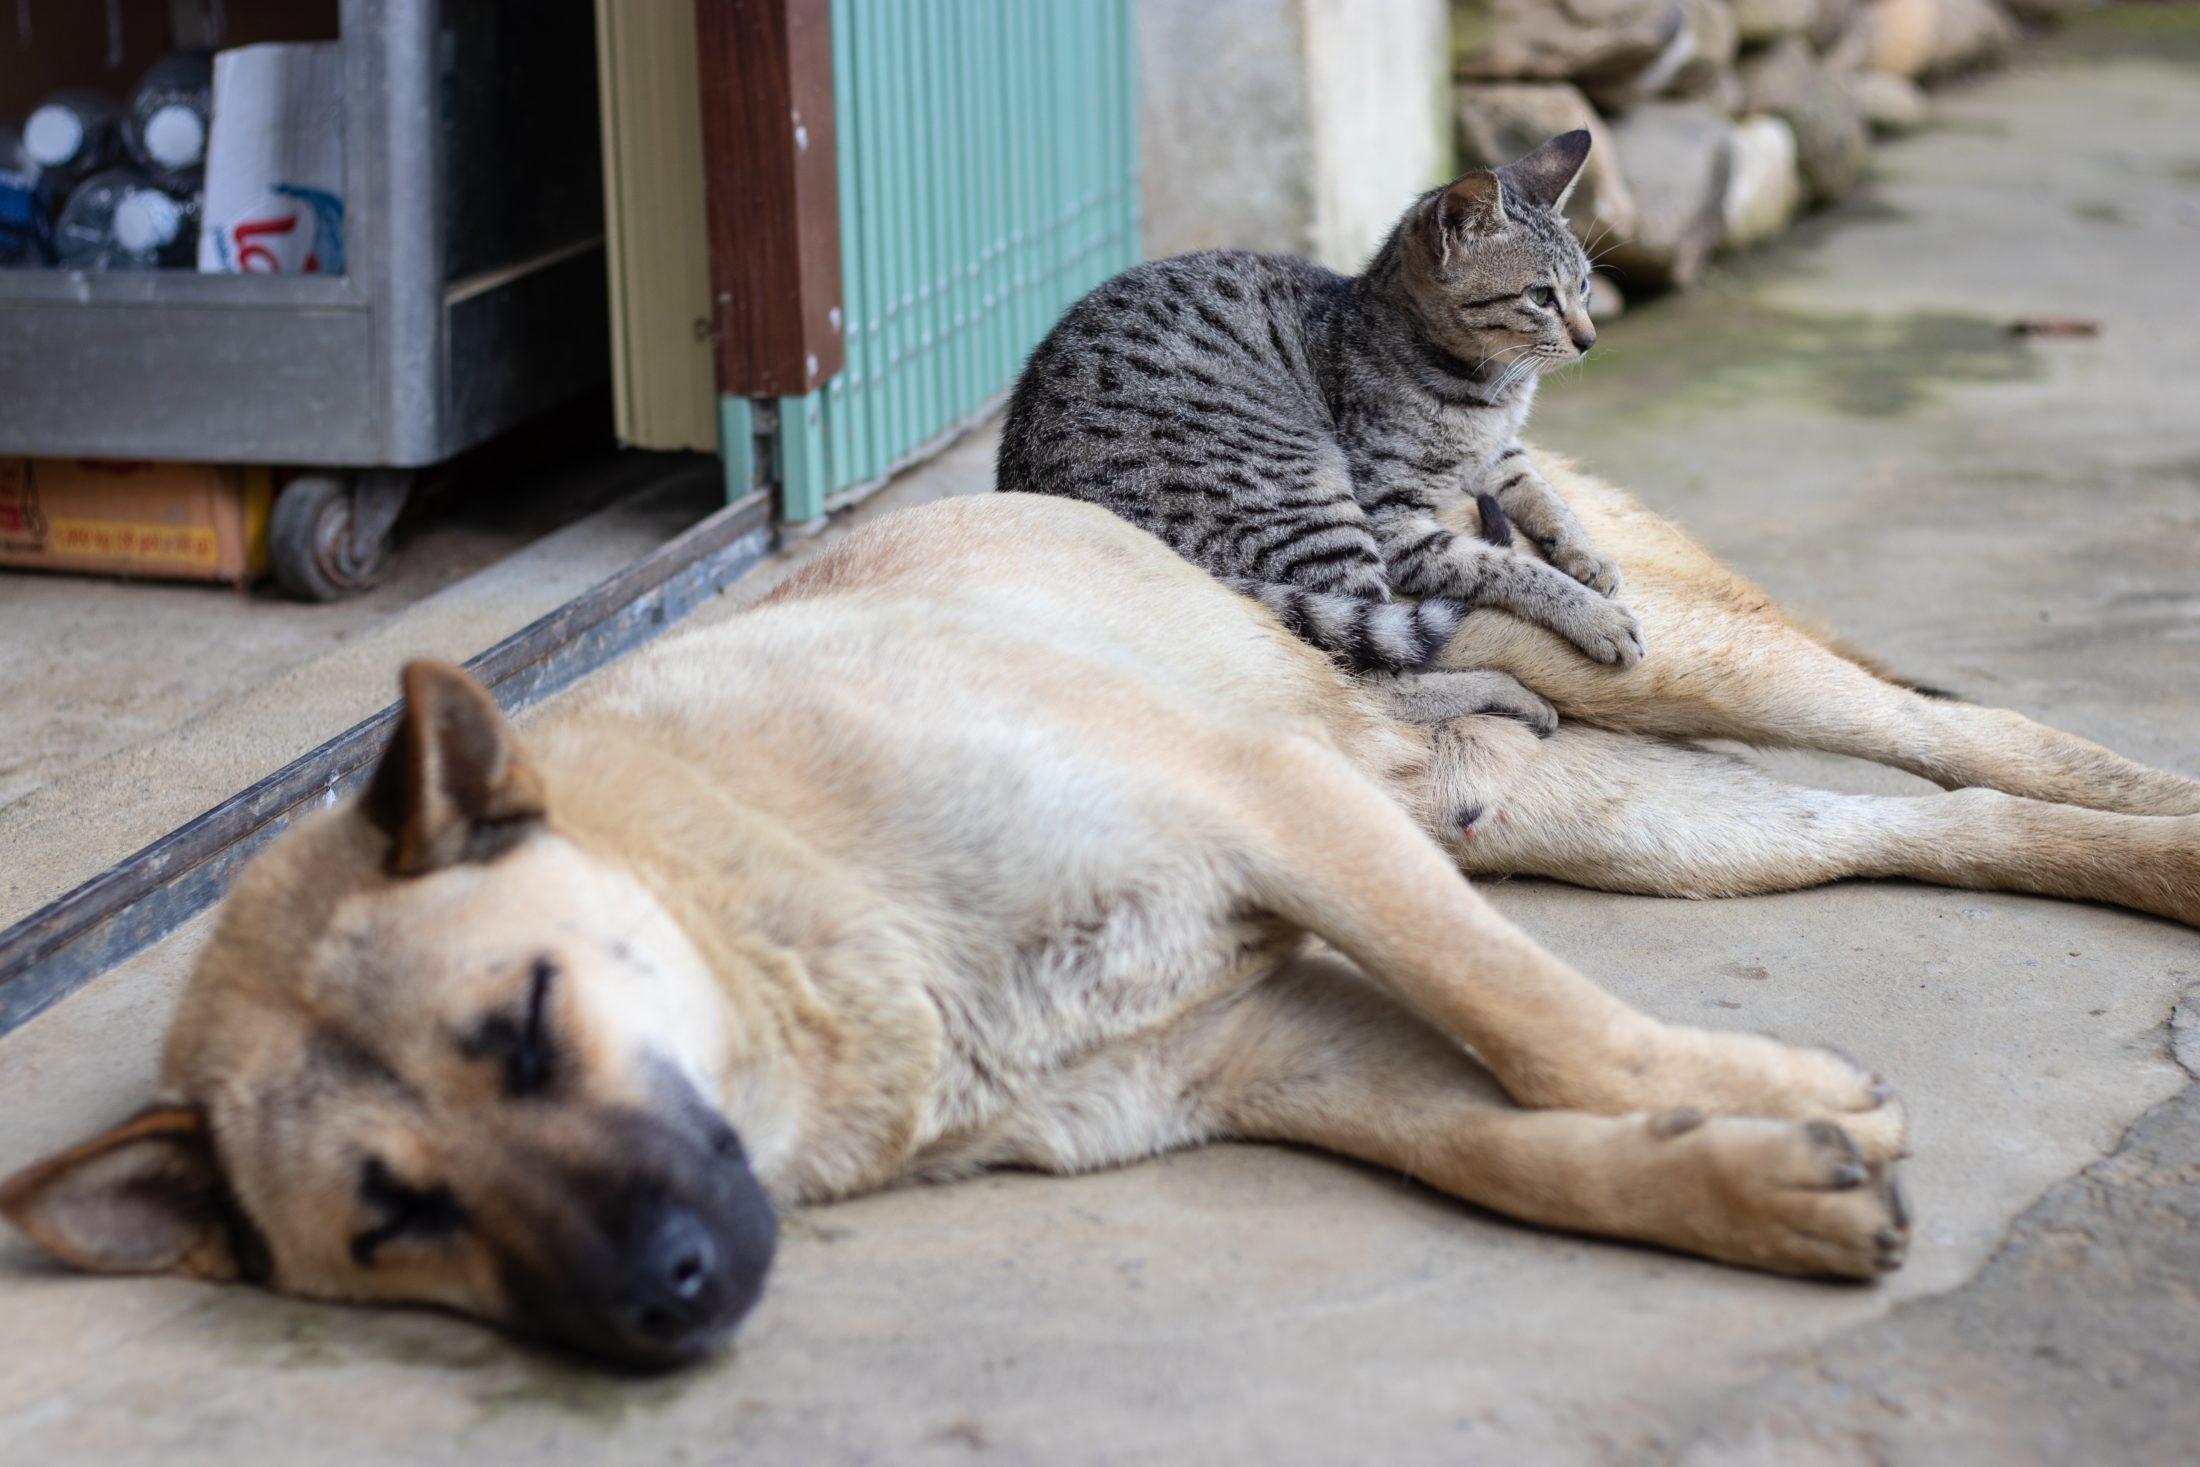 cachorro e gato juntos deitados no chão no quintal